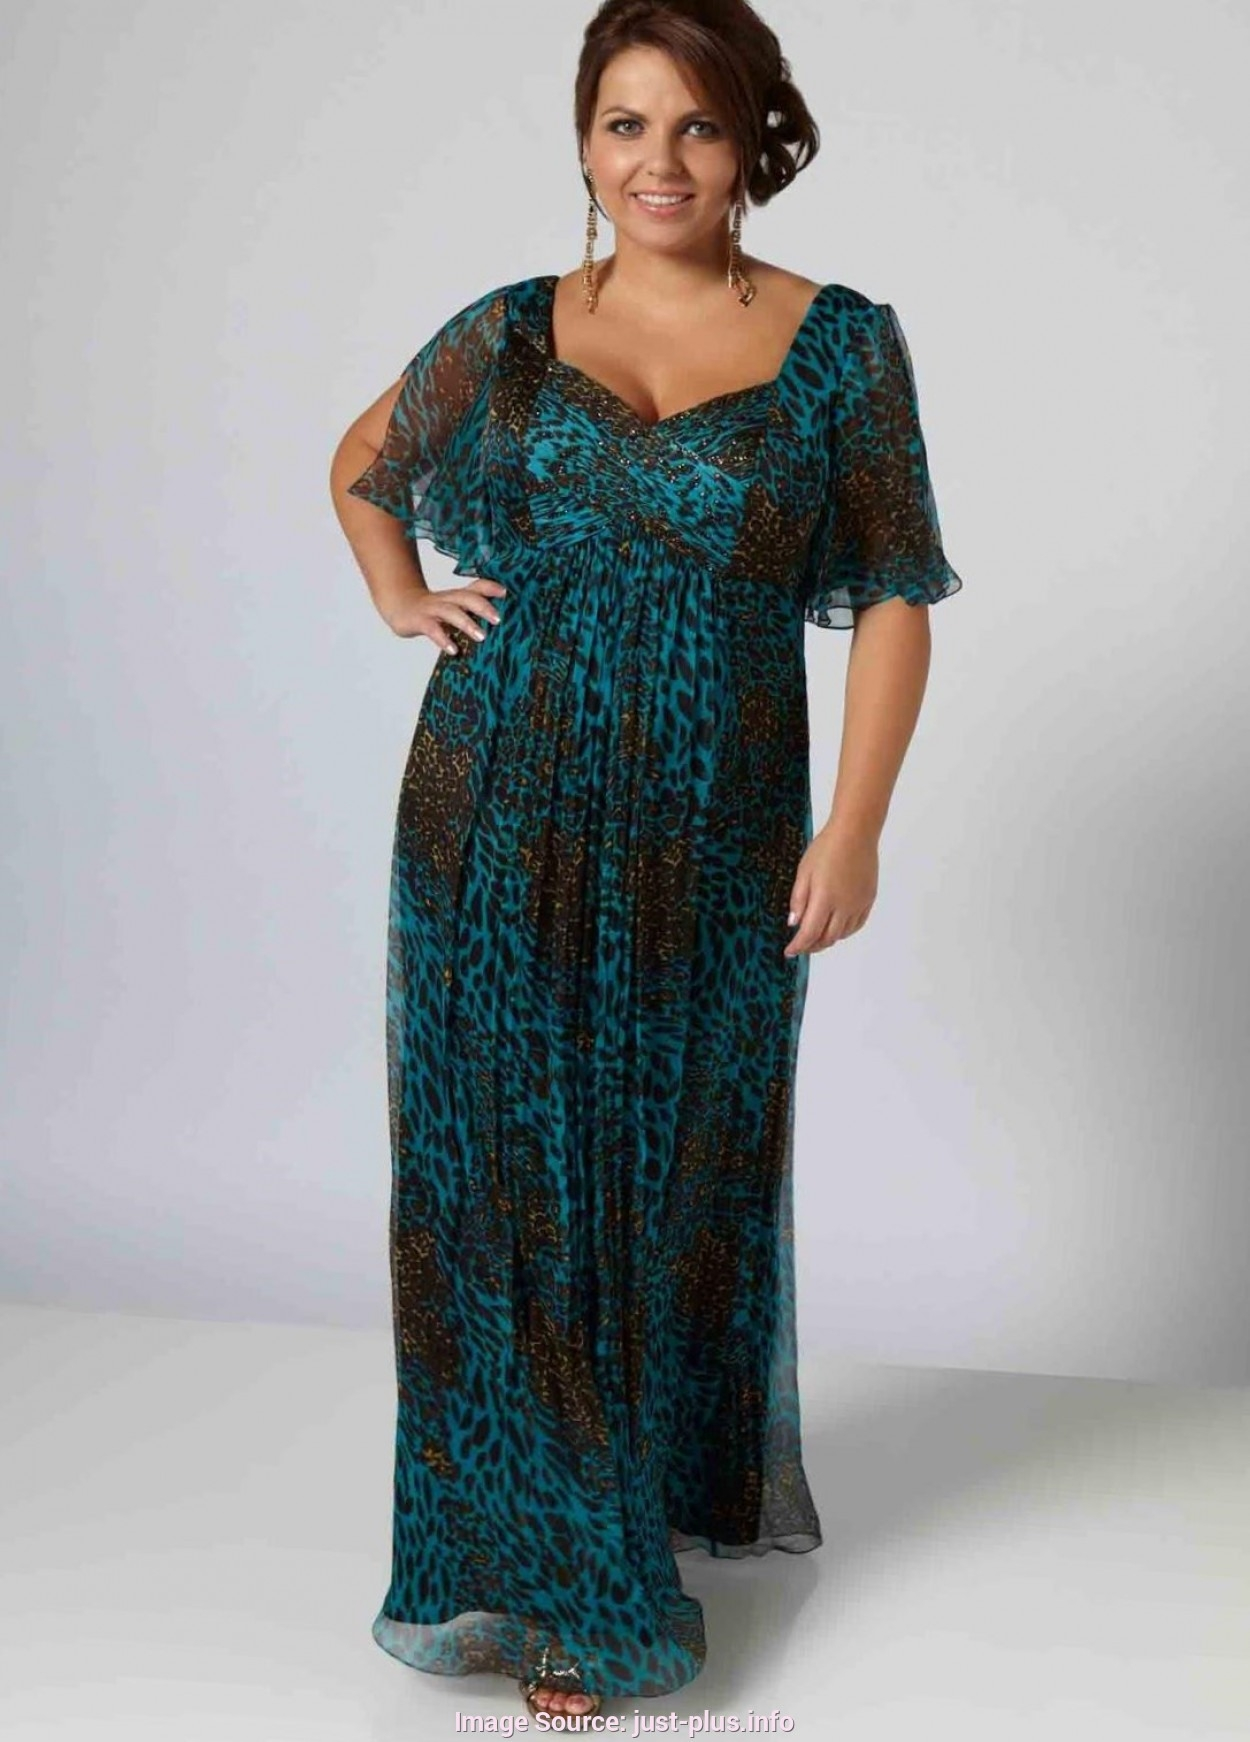 17 Fantastisch Elegante Kleider Größe 50 DesignFormal Einfach Elegante Kleider Größe 50 Spezialgebiet